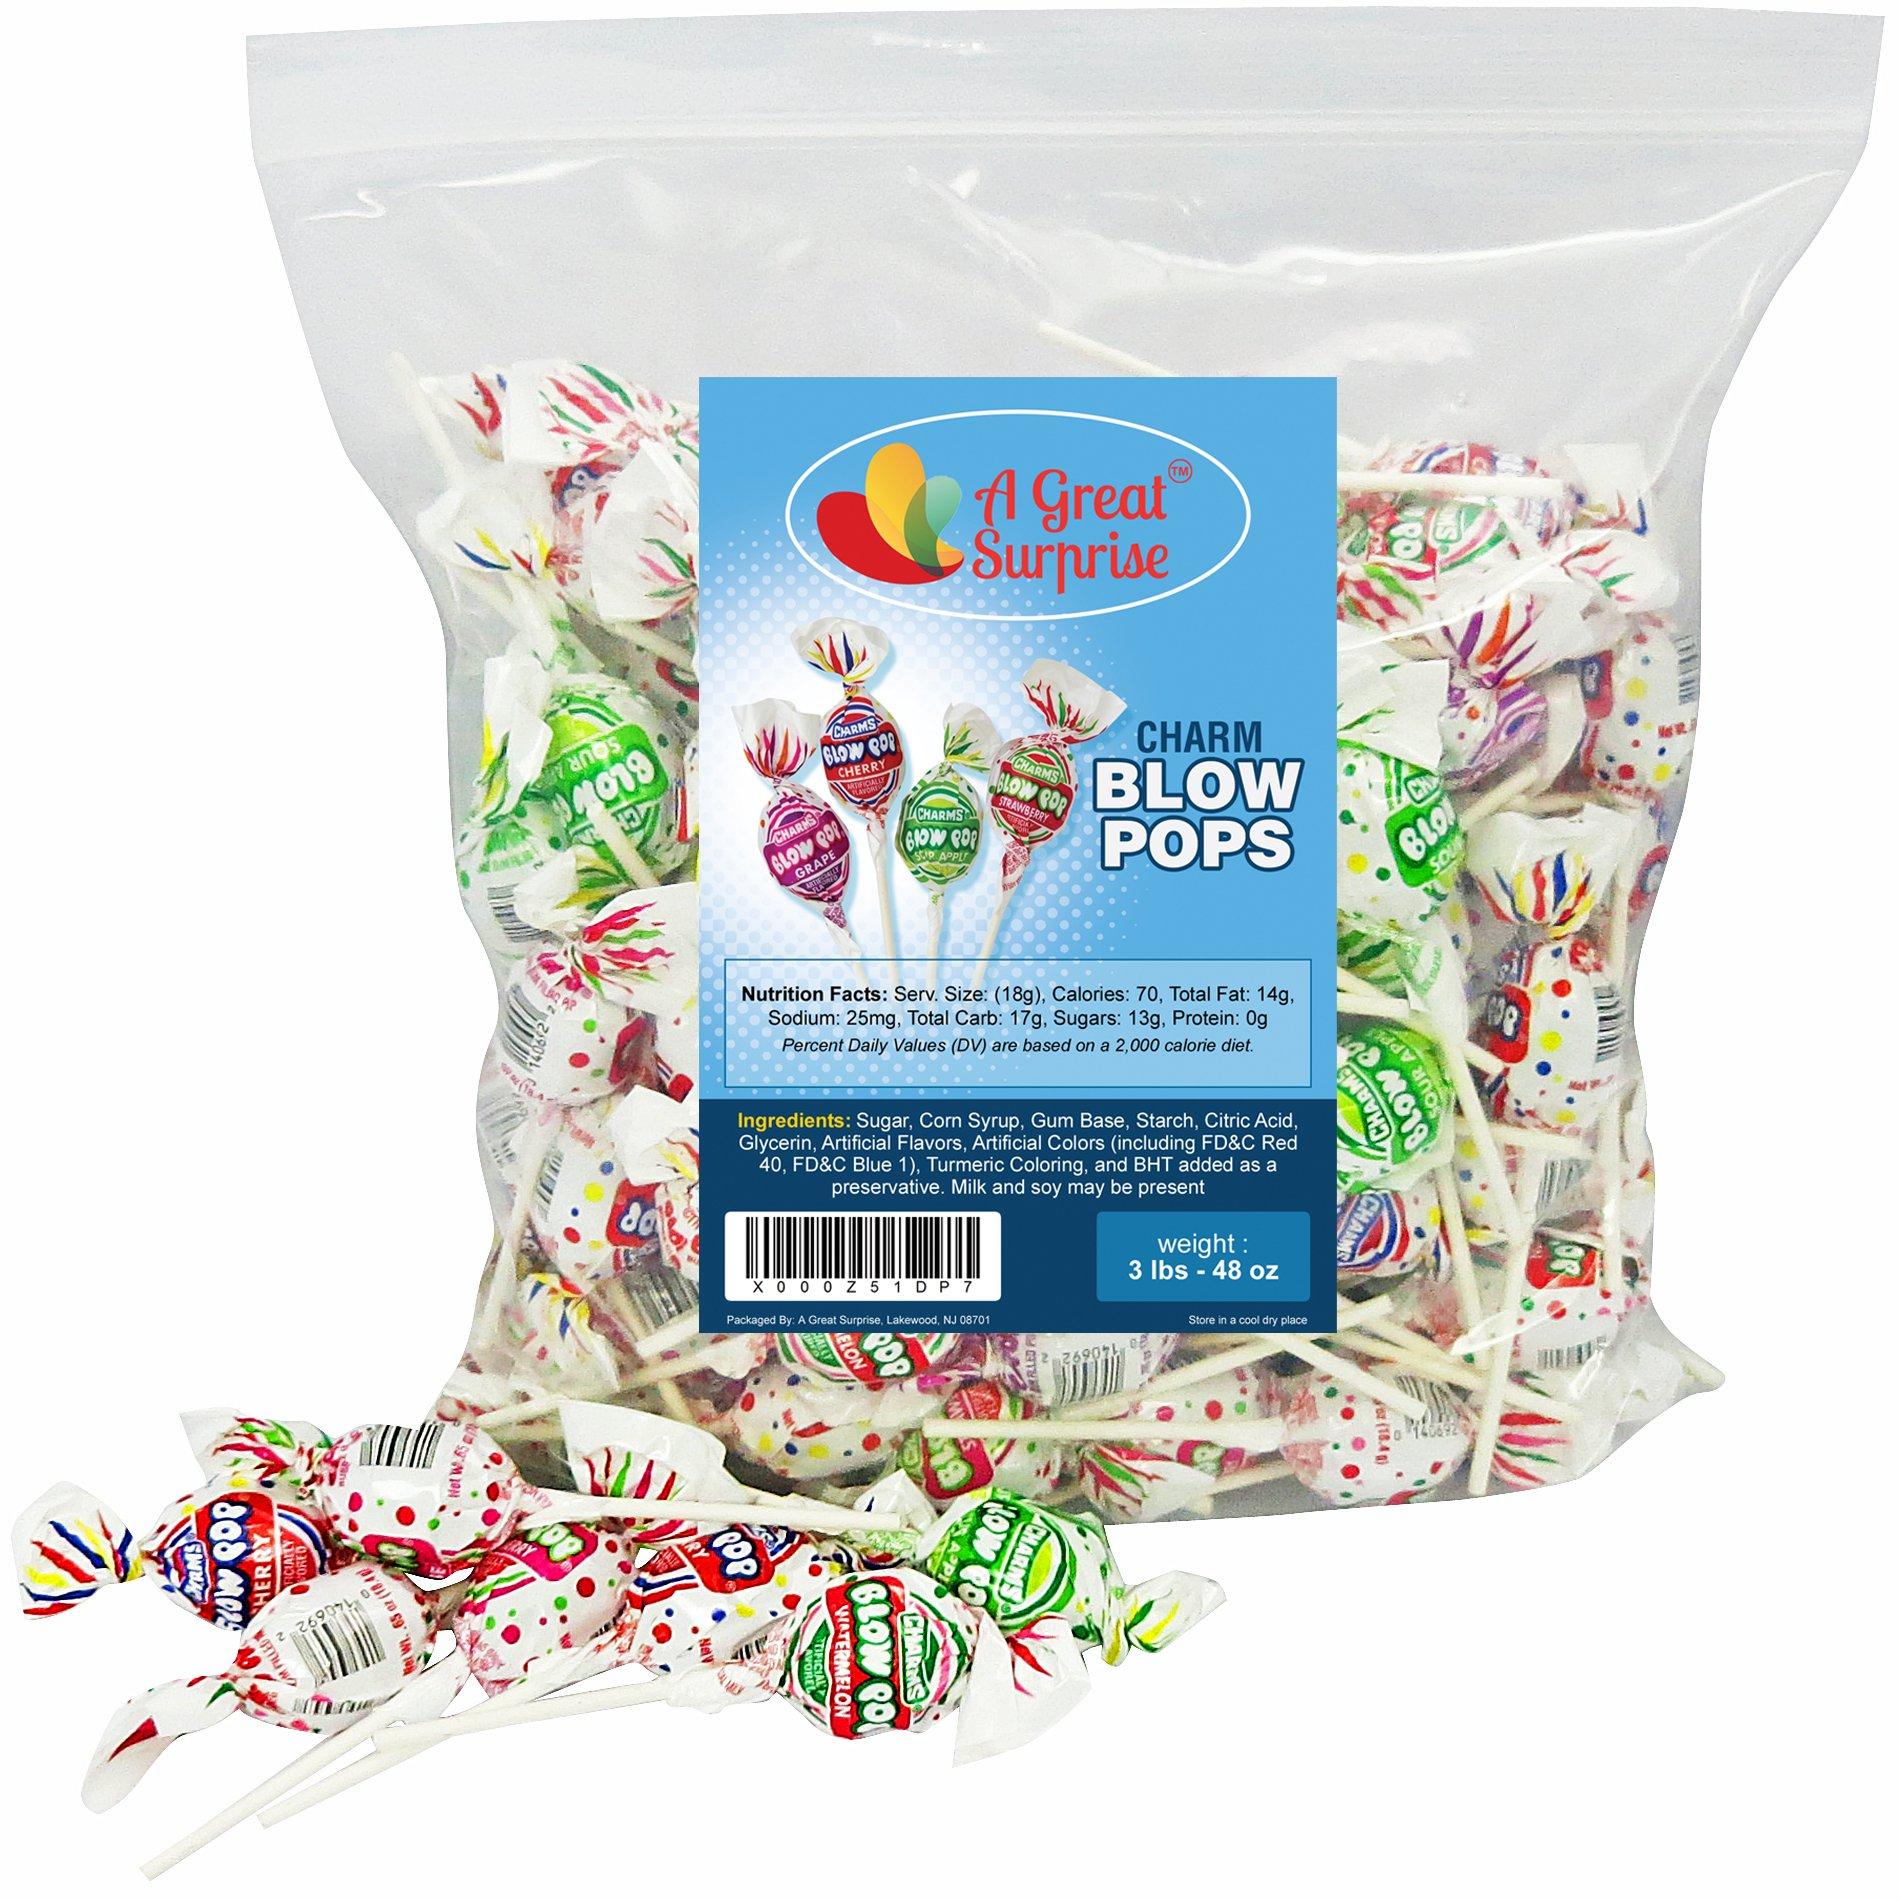 Charms Blow Pops, Assorted Flavors, bubble Gum Filled Pops, 3 LB Bulk Candy